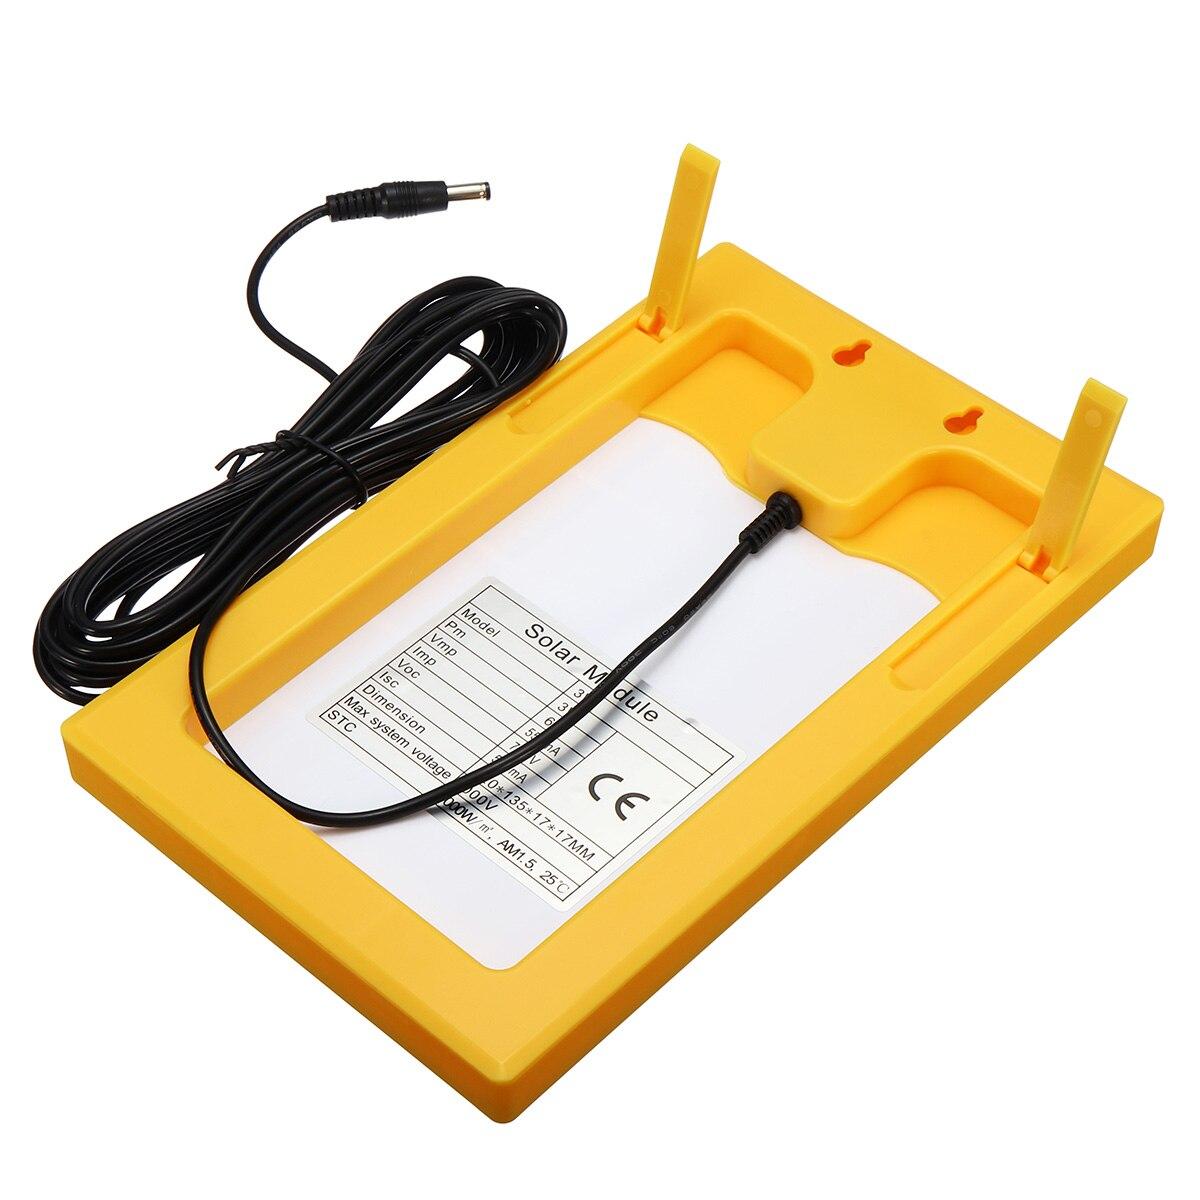 luz gerador kit indoor outdoor iluminacao sobre descarga proteger 04